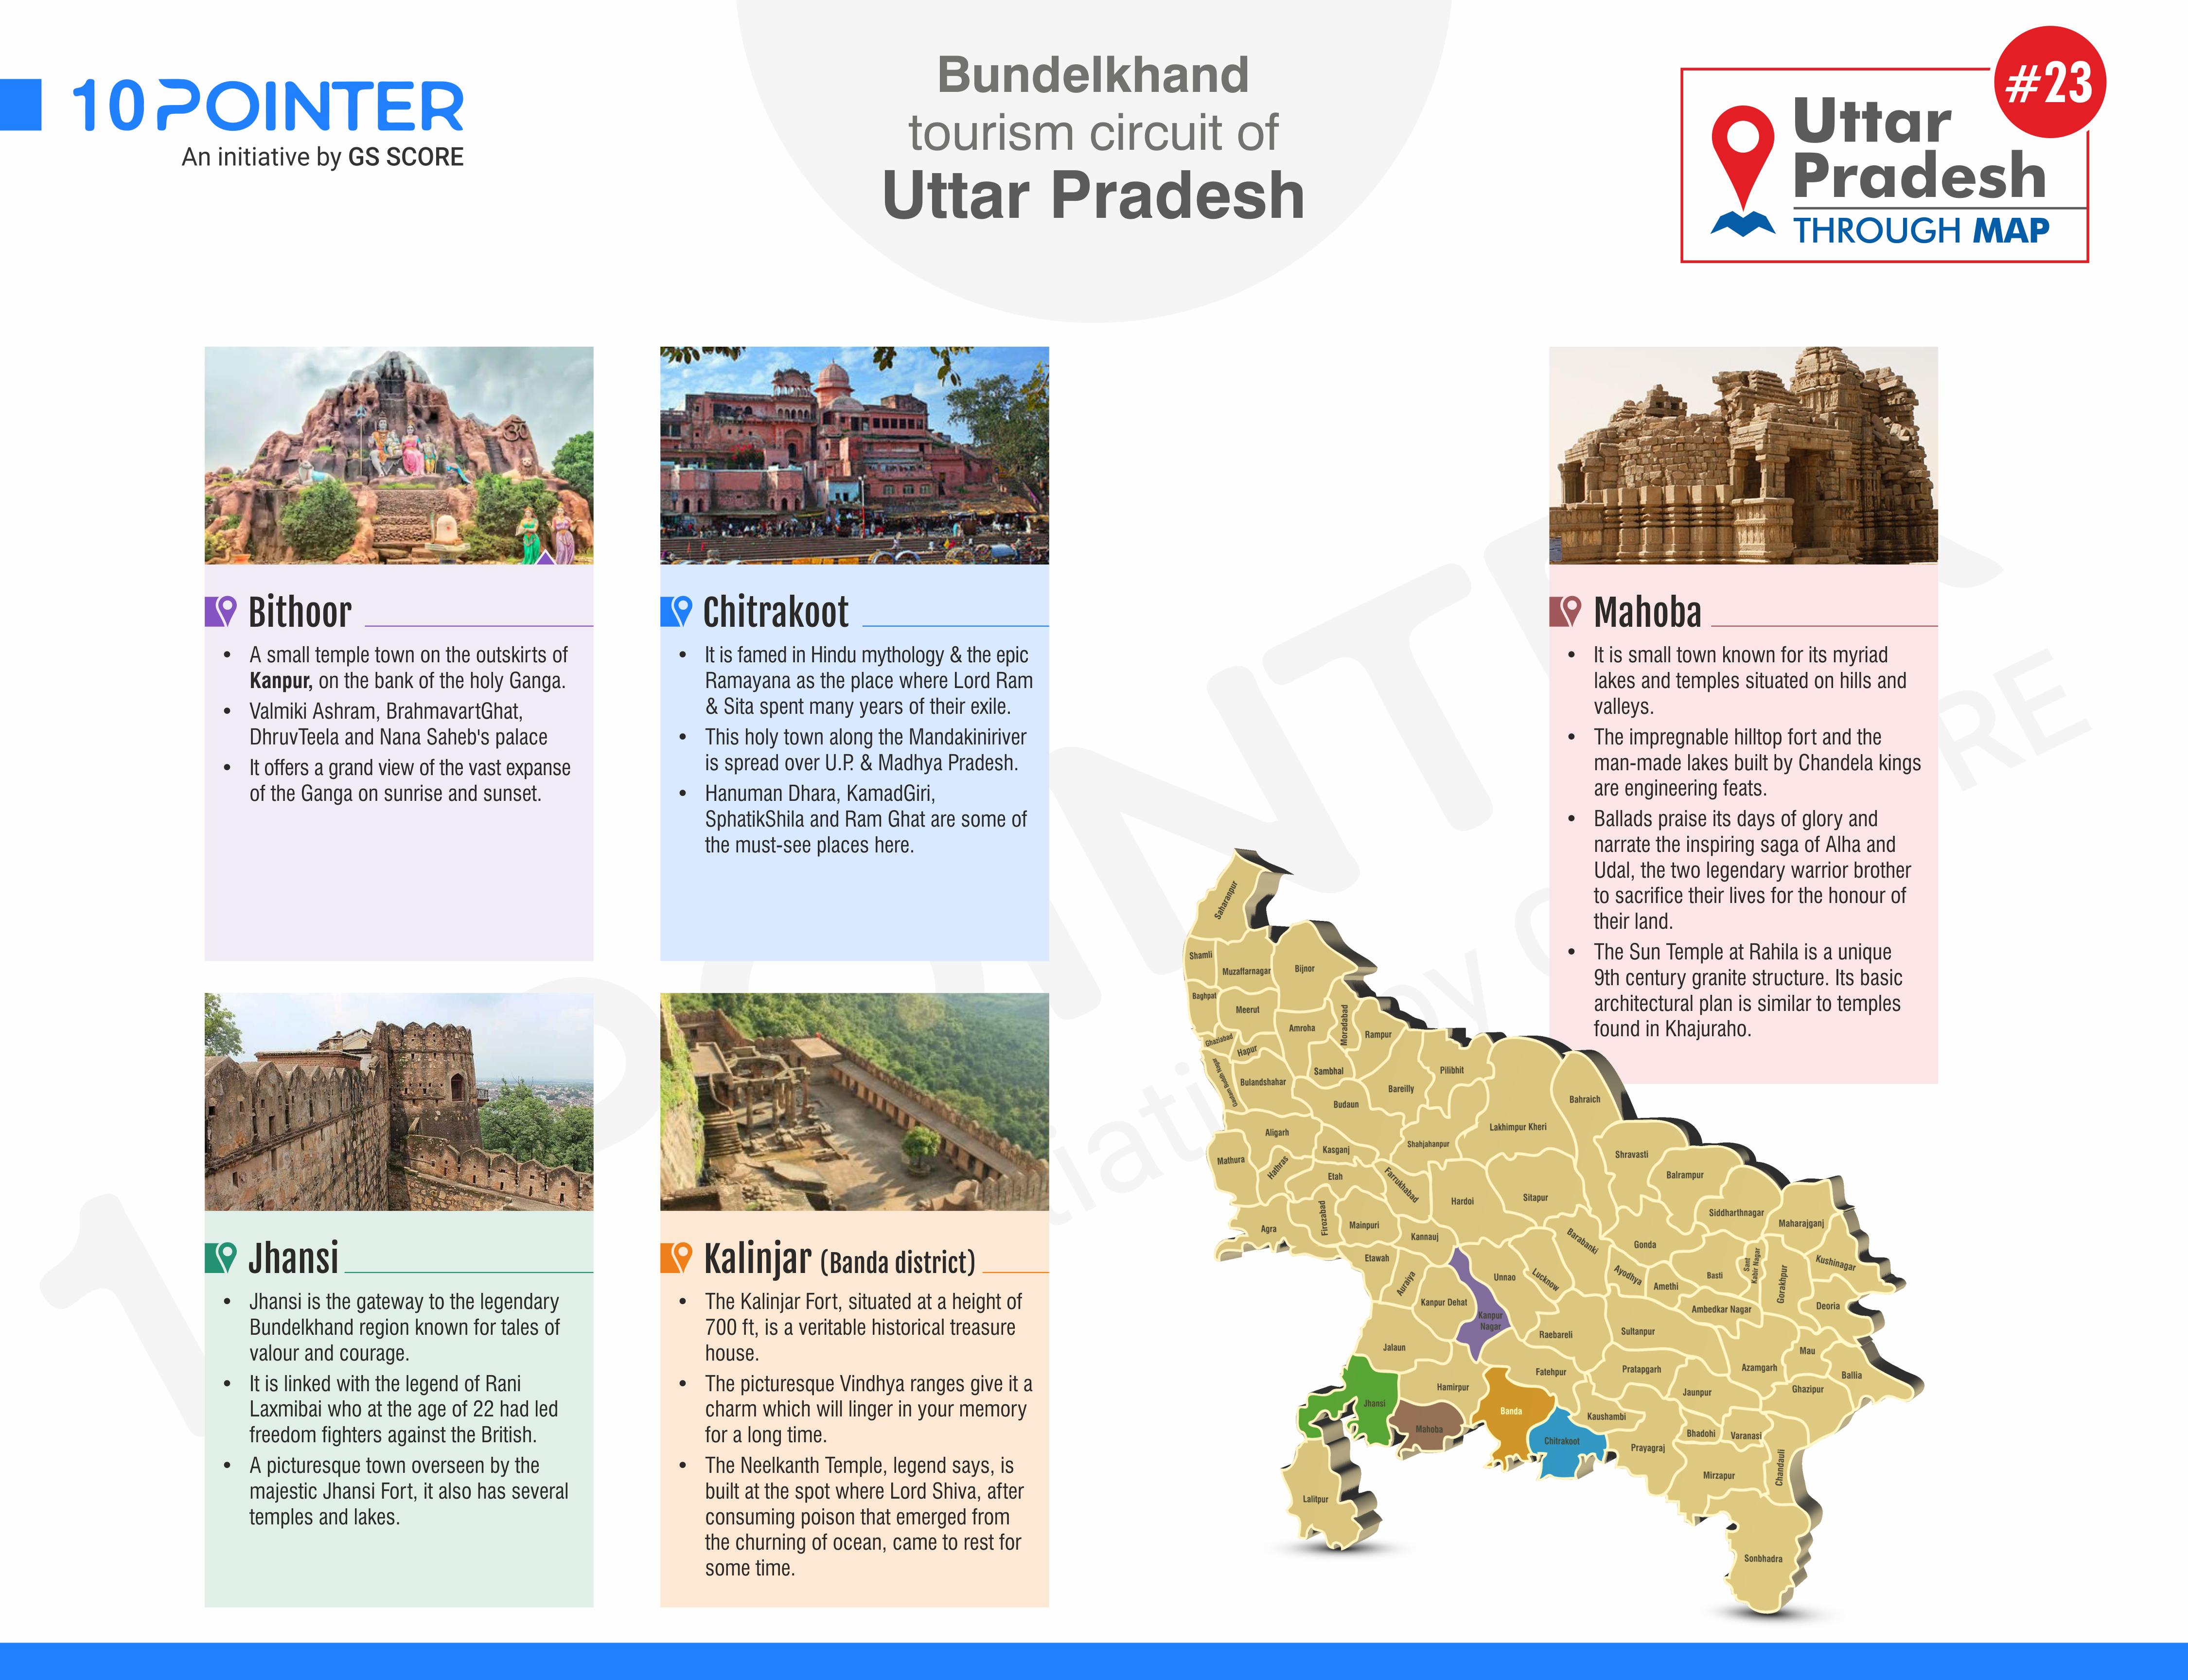 Bundelkhand tourism circuit of Utter Pradesh